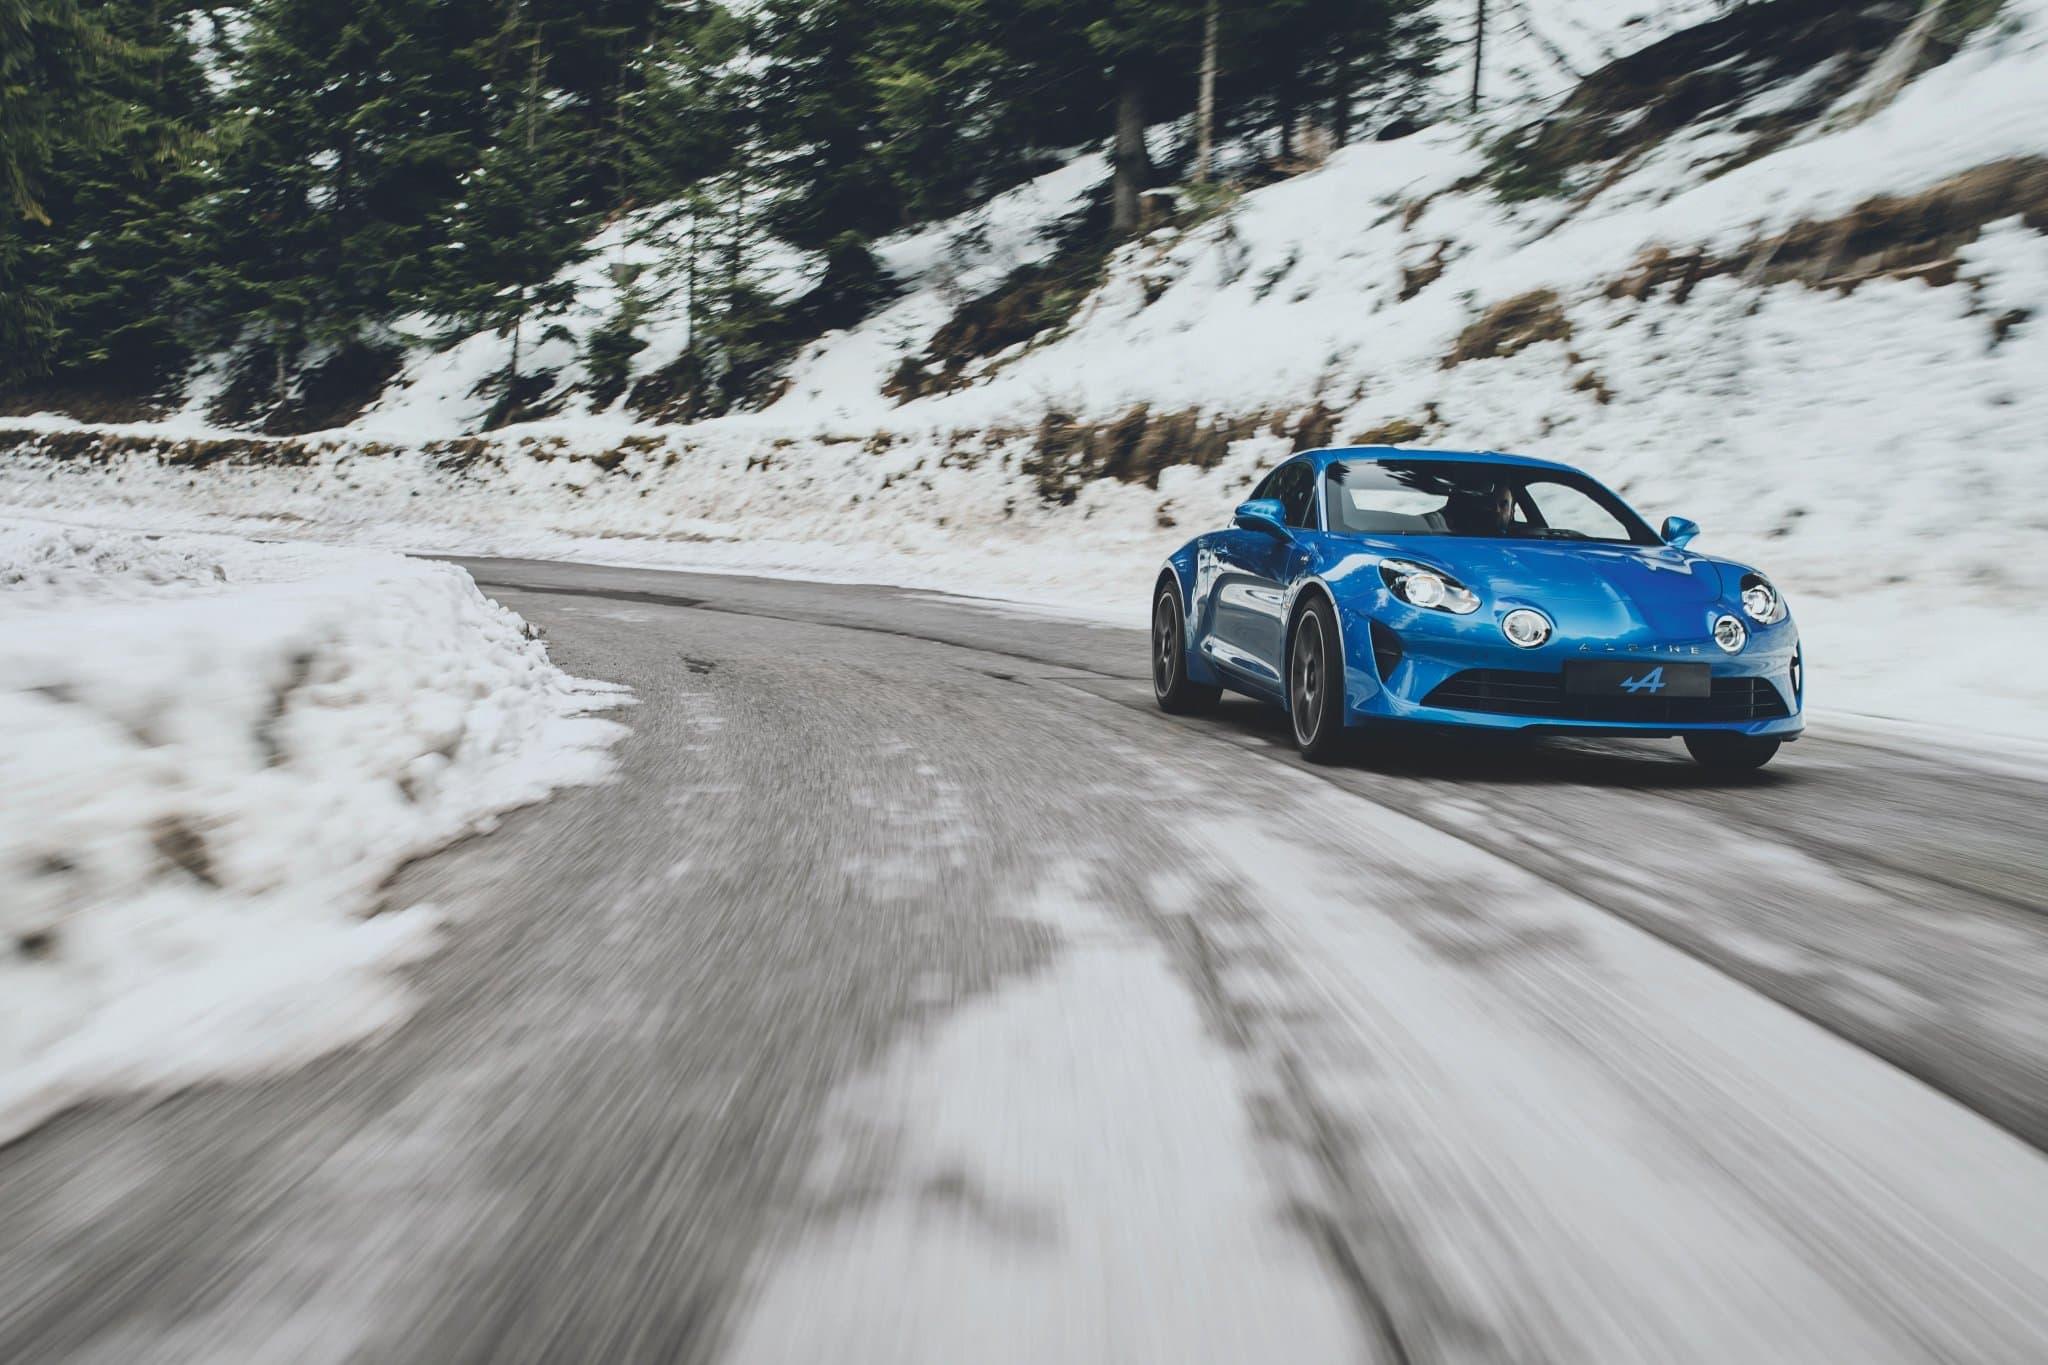 Alpine A110 Première Édition premières photos officielles